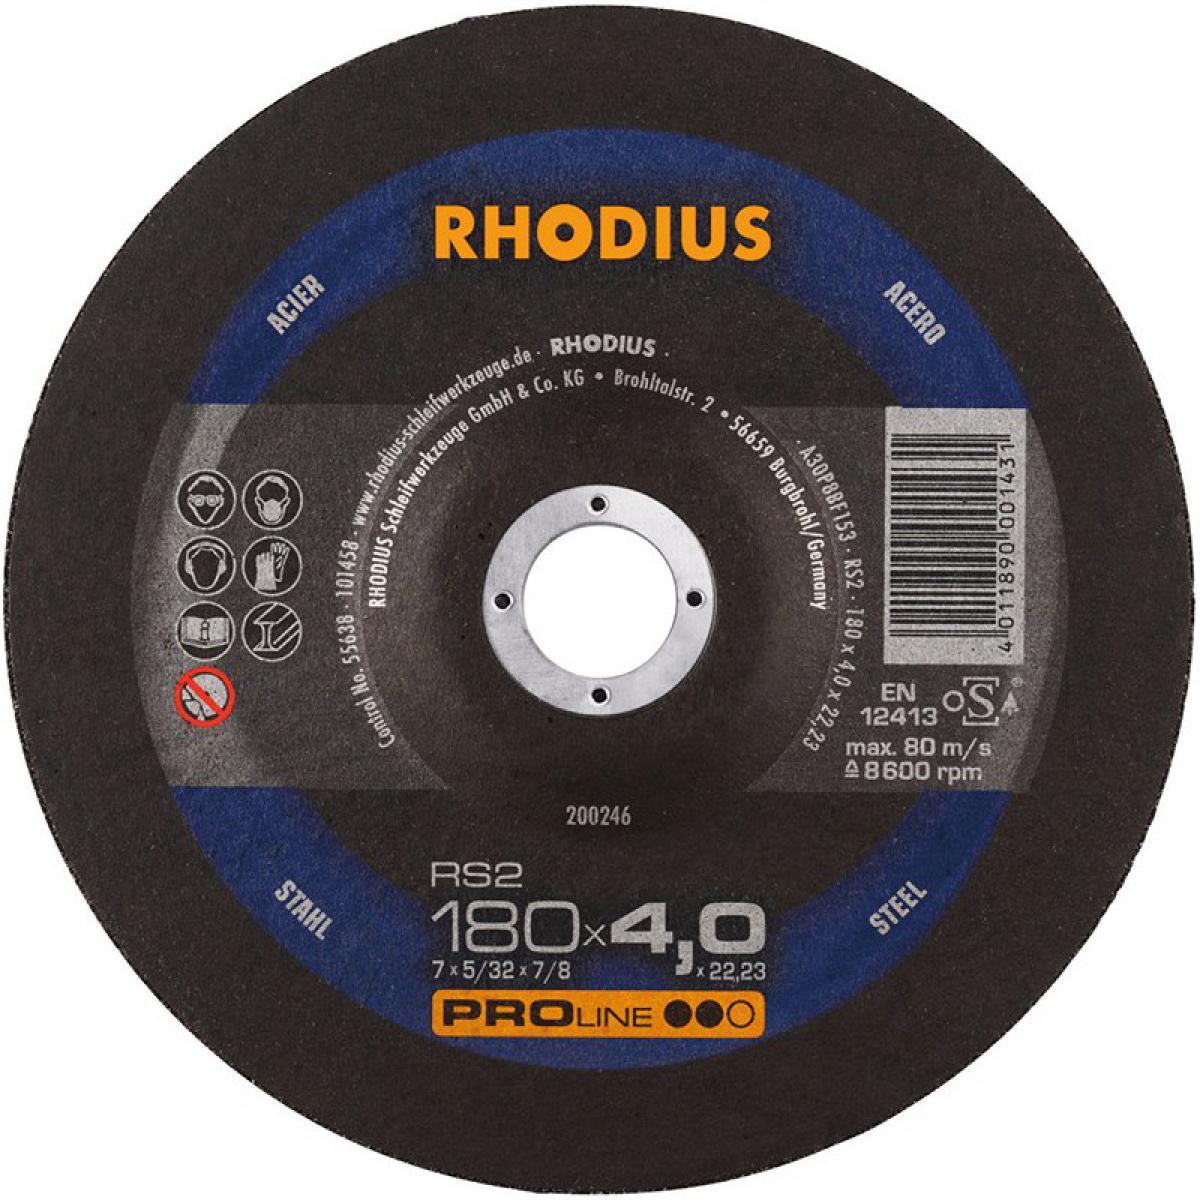 Rhodius Disque de coupe RS2 180 x 4,0mm Acier Rhodius(Par 10)